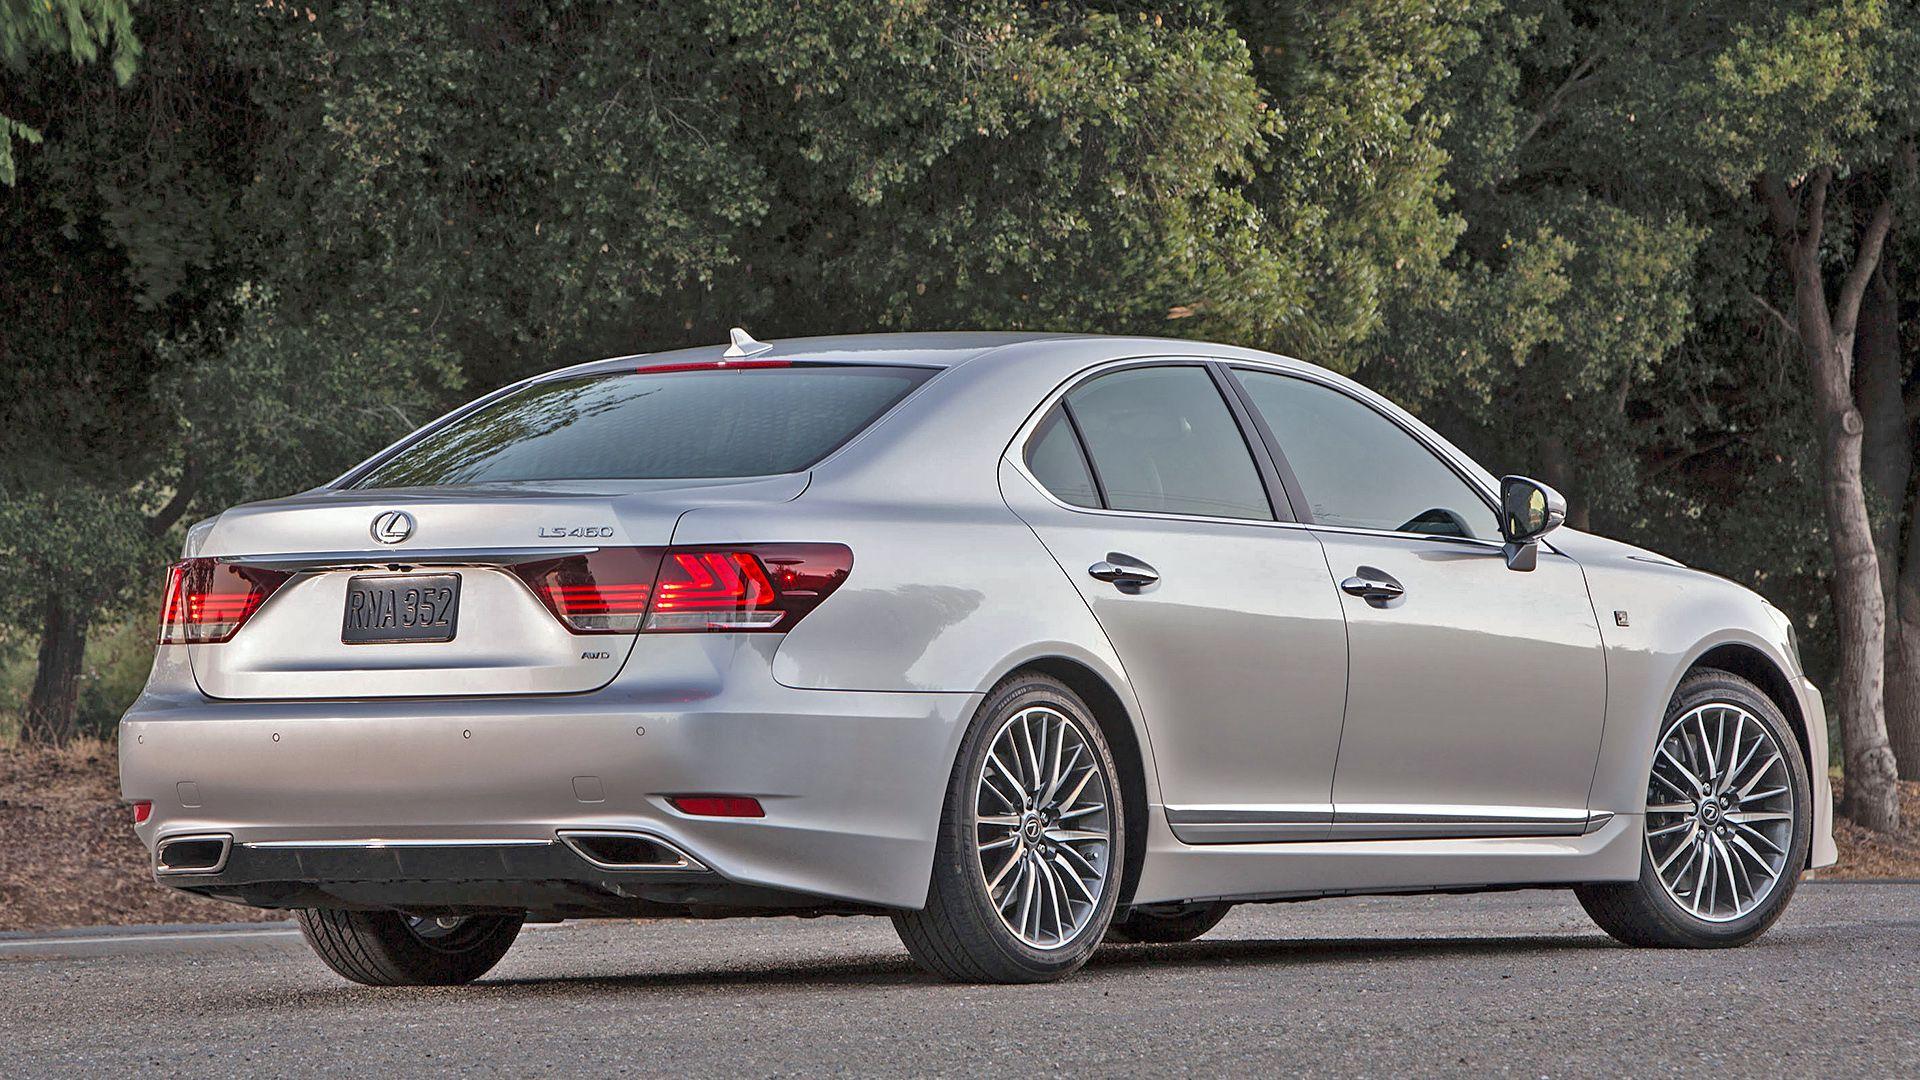 2019 Lexus LS 460 Redesign, Price, Release Date >> 2019 Lexus Ls 460 Exterior Changes My New Life Lexus Ls Lexus